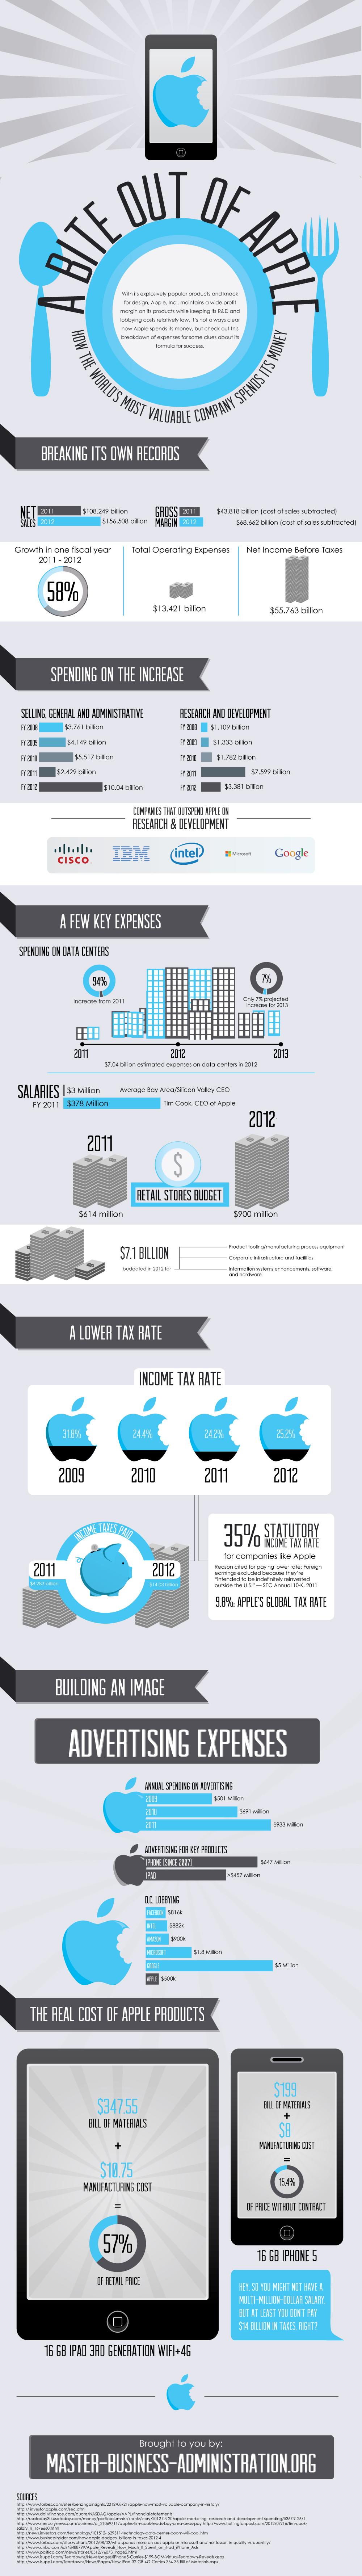 Infográfico - Como a Apple gasta o seu dinheiro